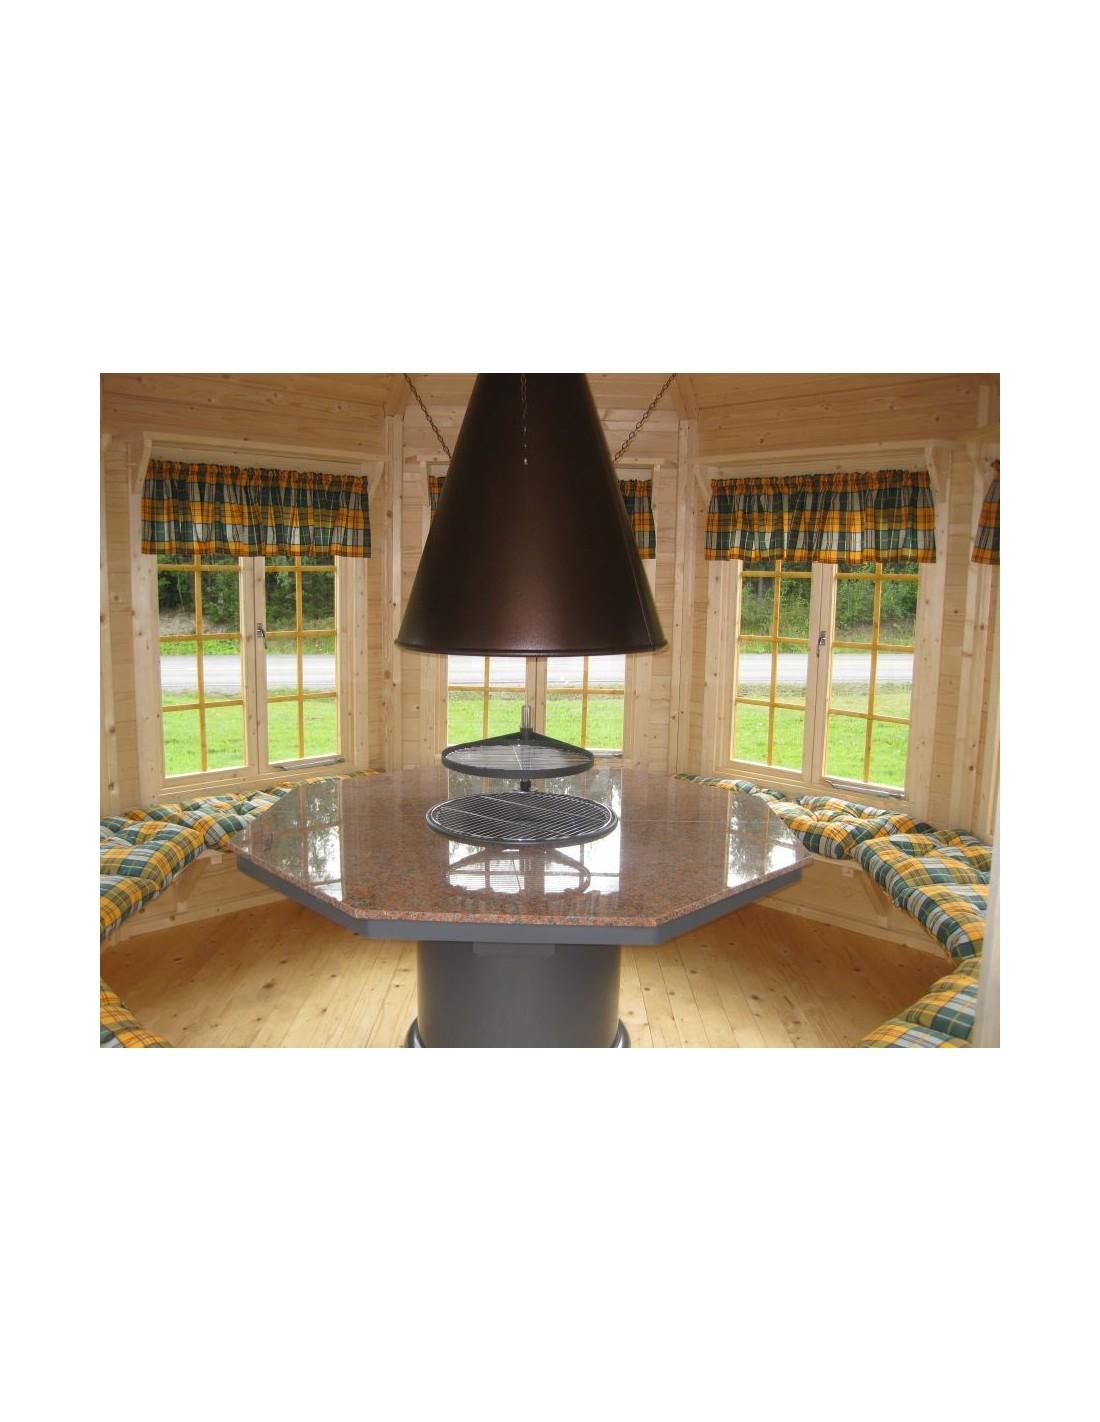 tonnelle de jardin v ronica 9 2 m avec plancher bois massif 34 mm. Black Bedroom Furniture Sets. Home Design Ideas